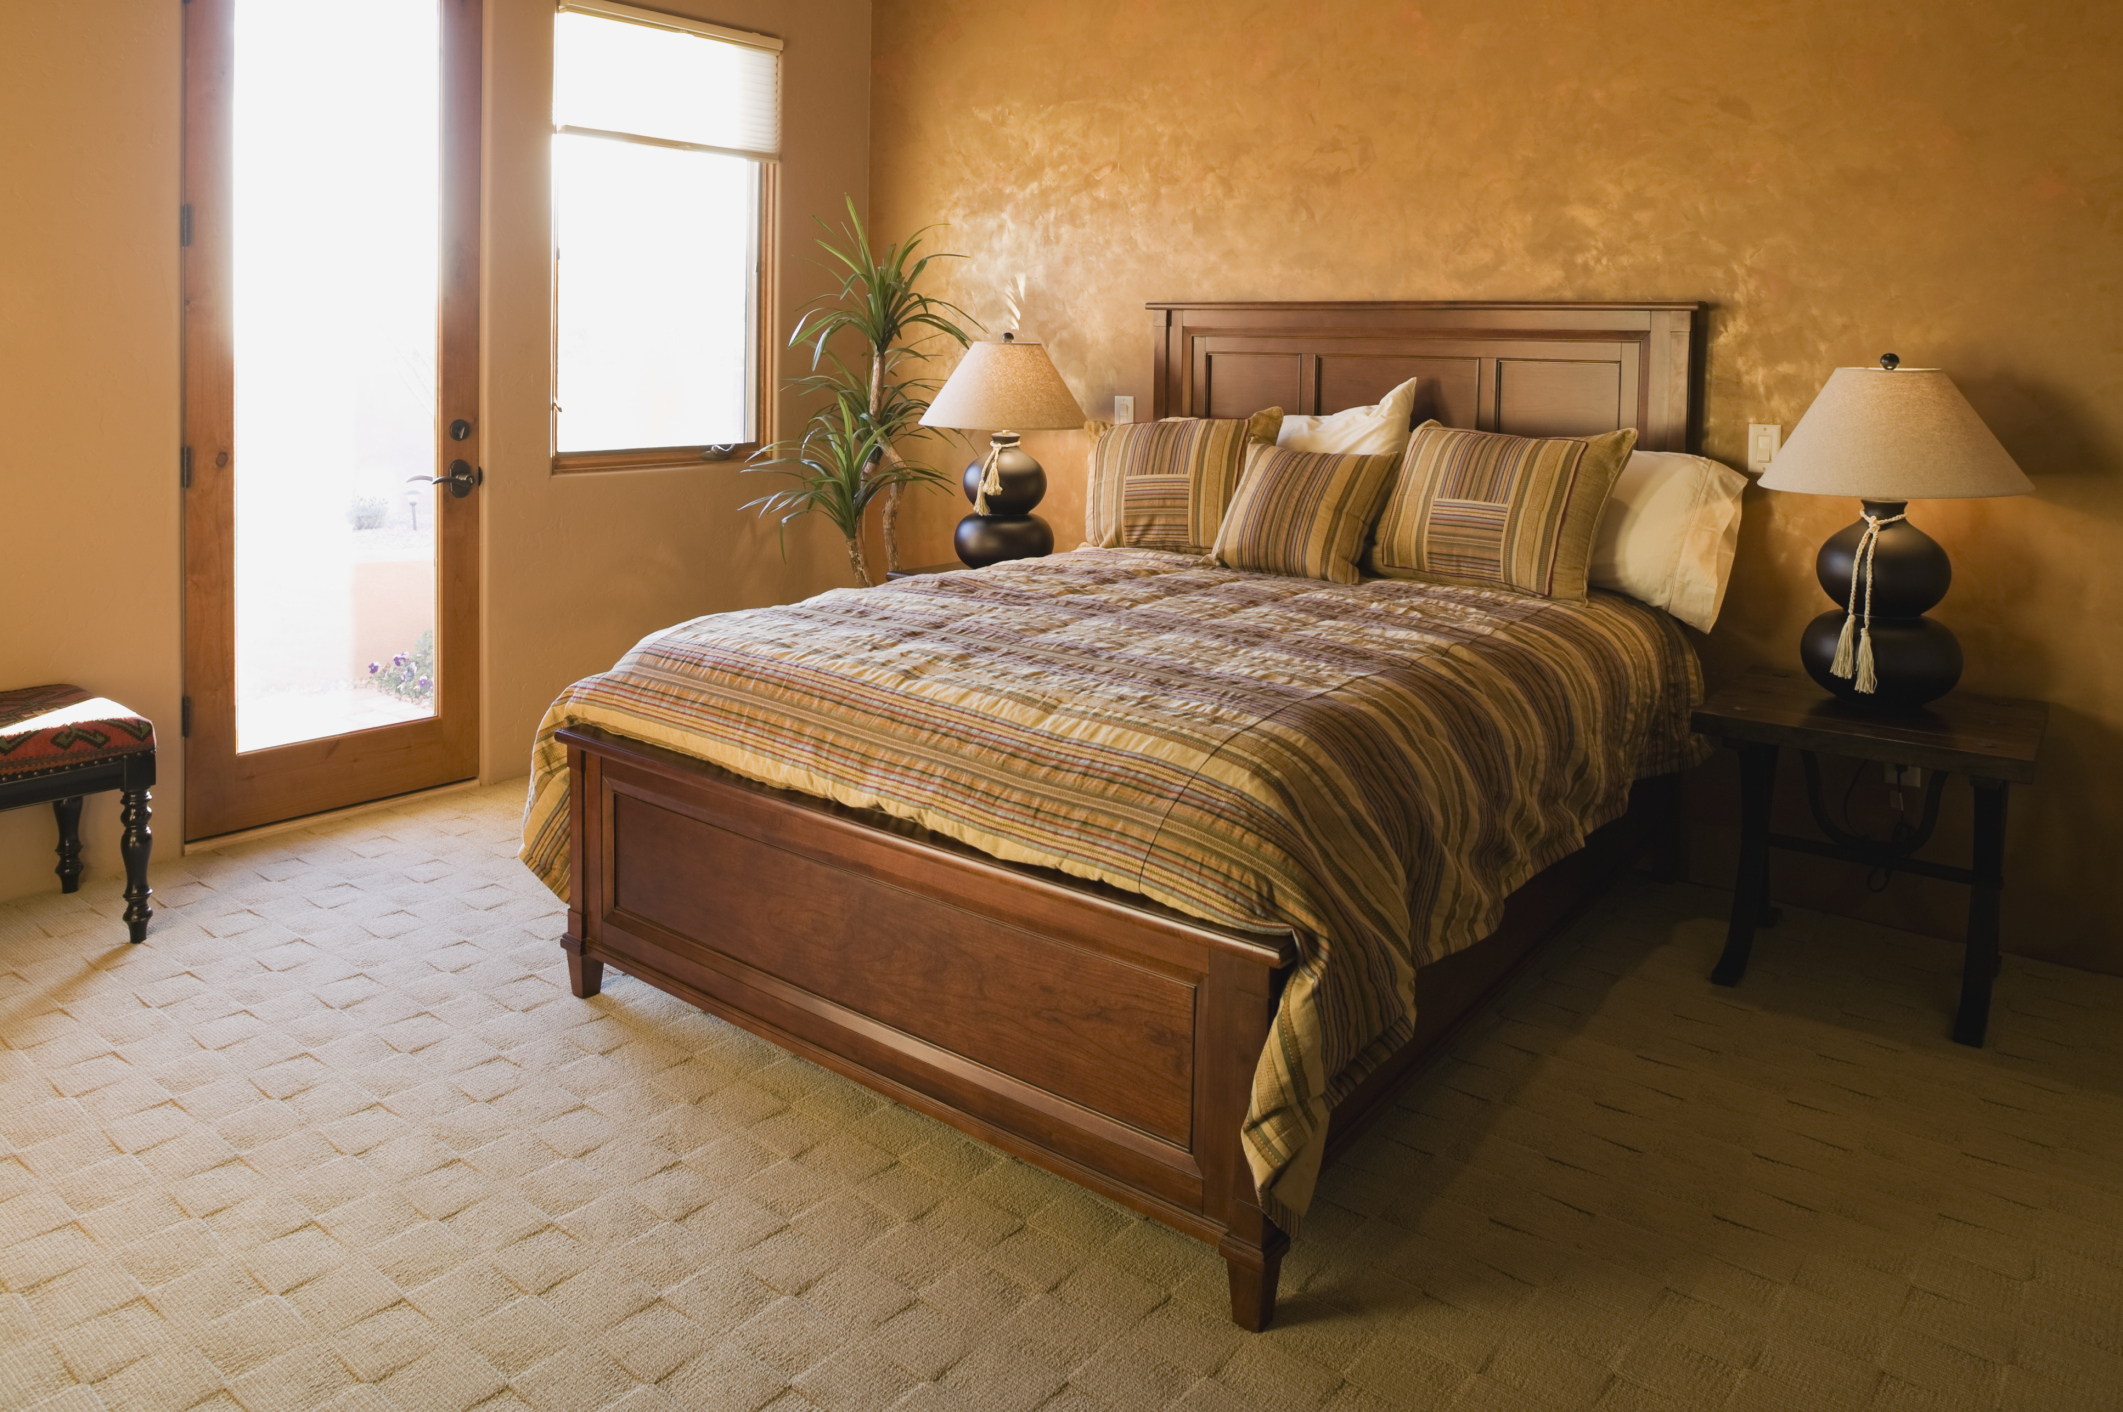 Cuáles son las dimensiones estándar para la base de una cama? |